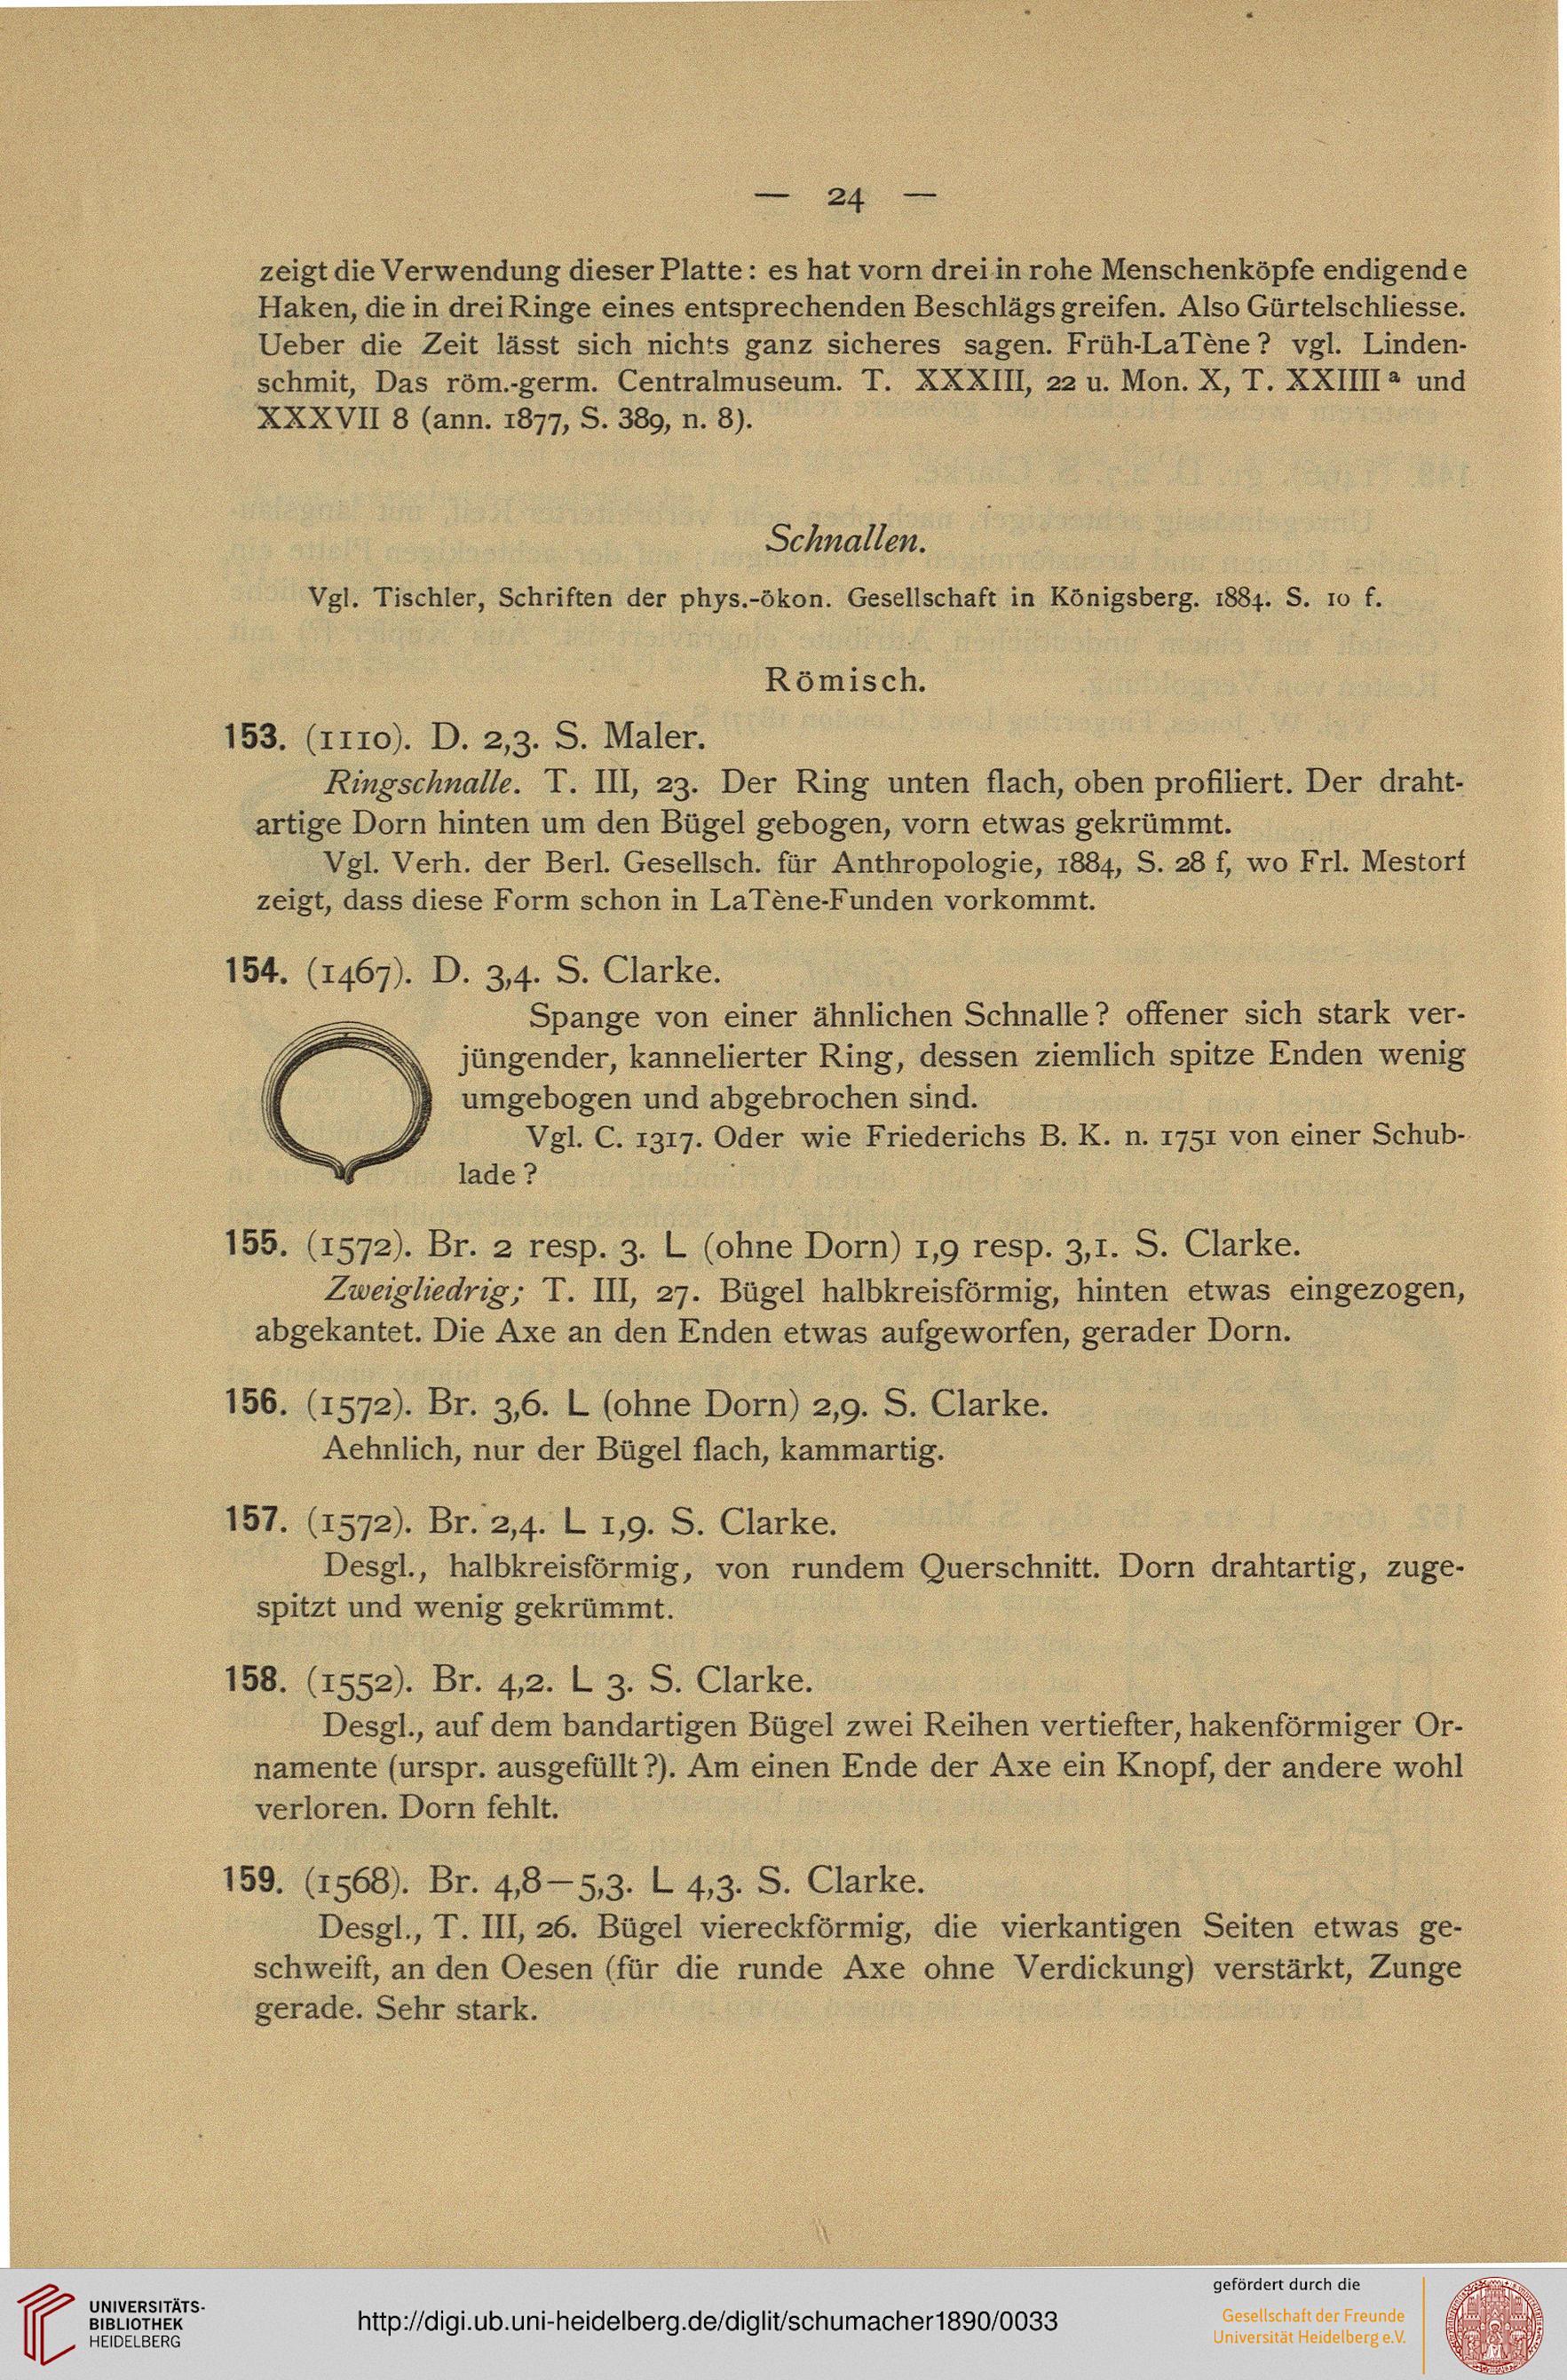 Schumacher, Karl: Beschreibung der Sammlung antiker Bronzen ...